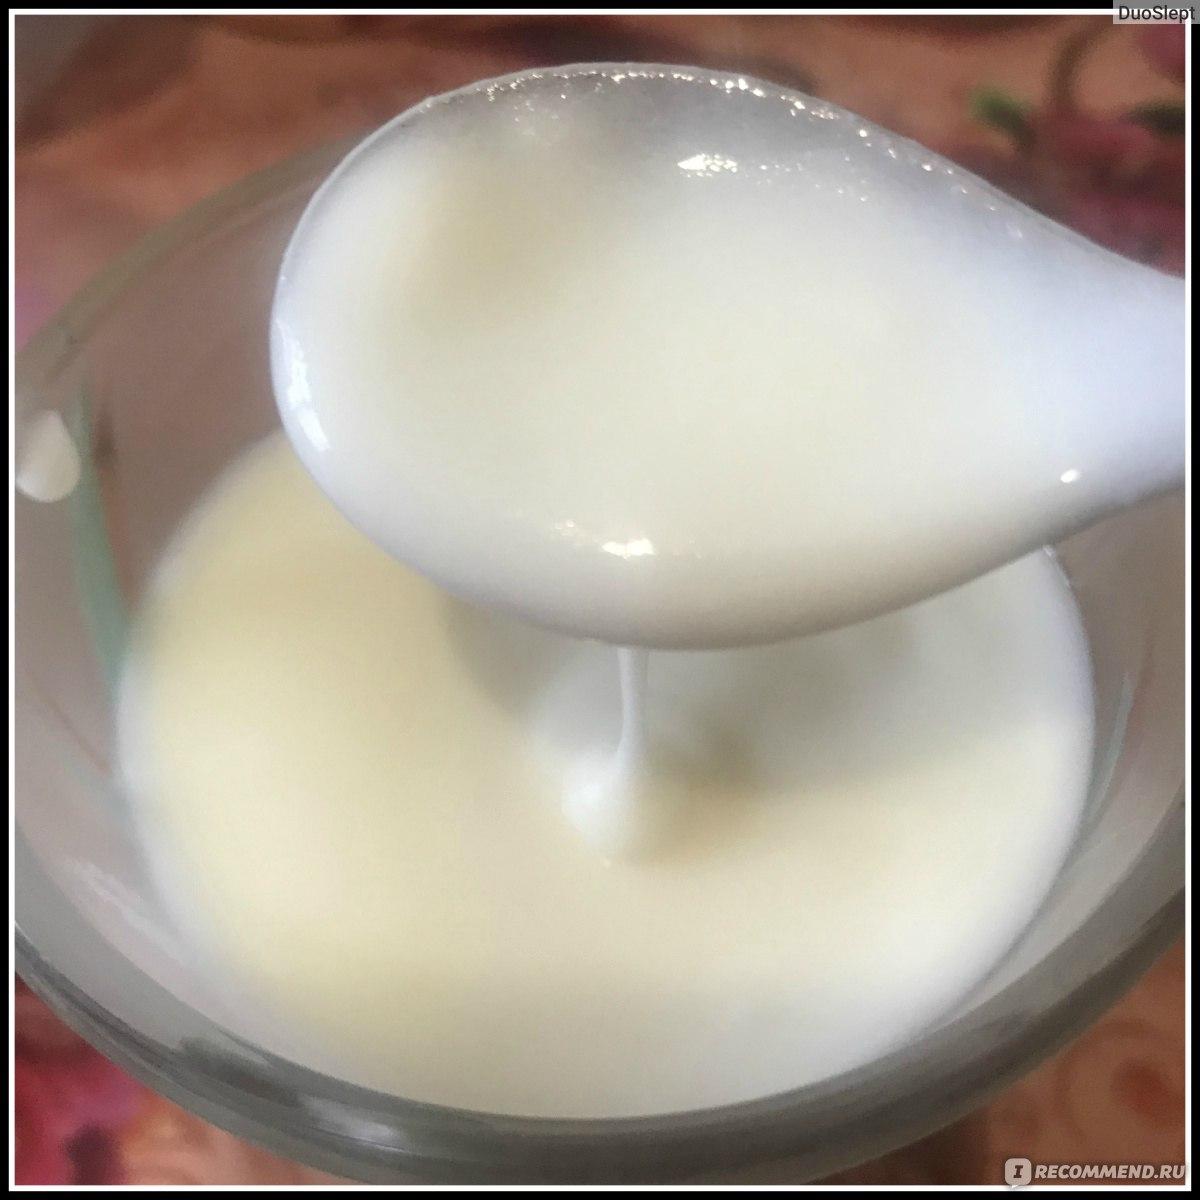 Йогурт: польза и вред для организма | пища это лекарство